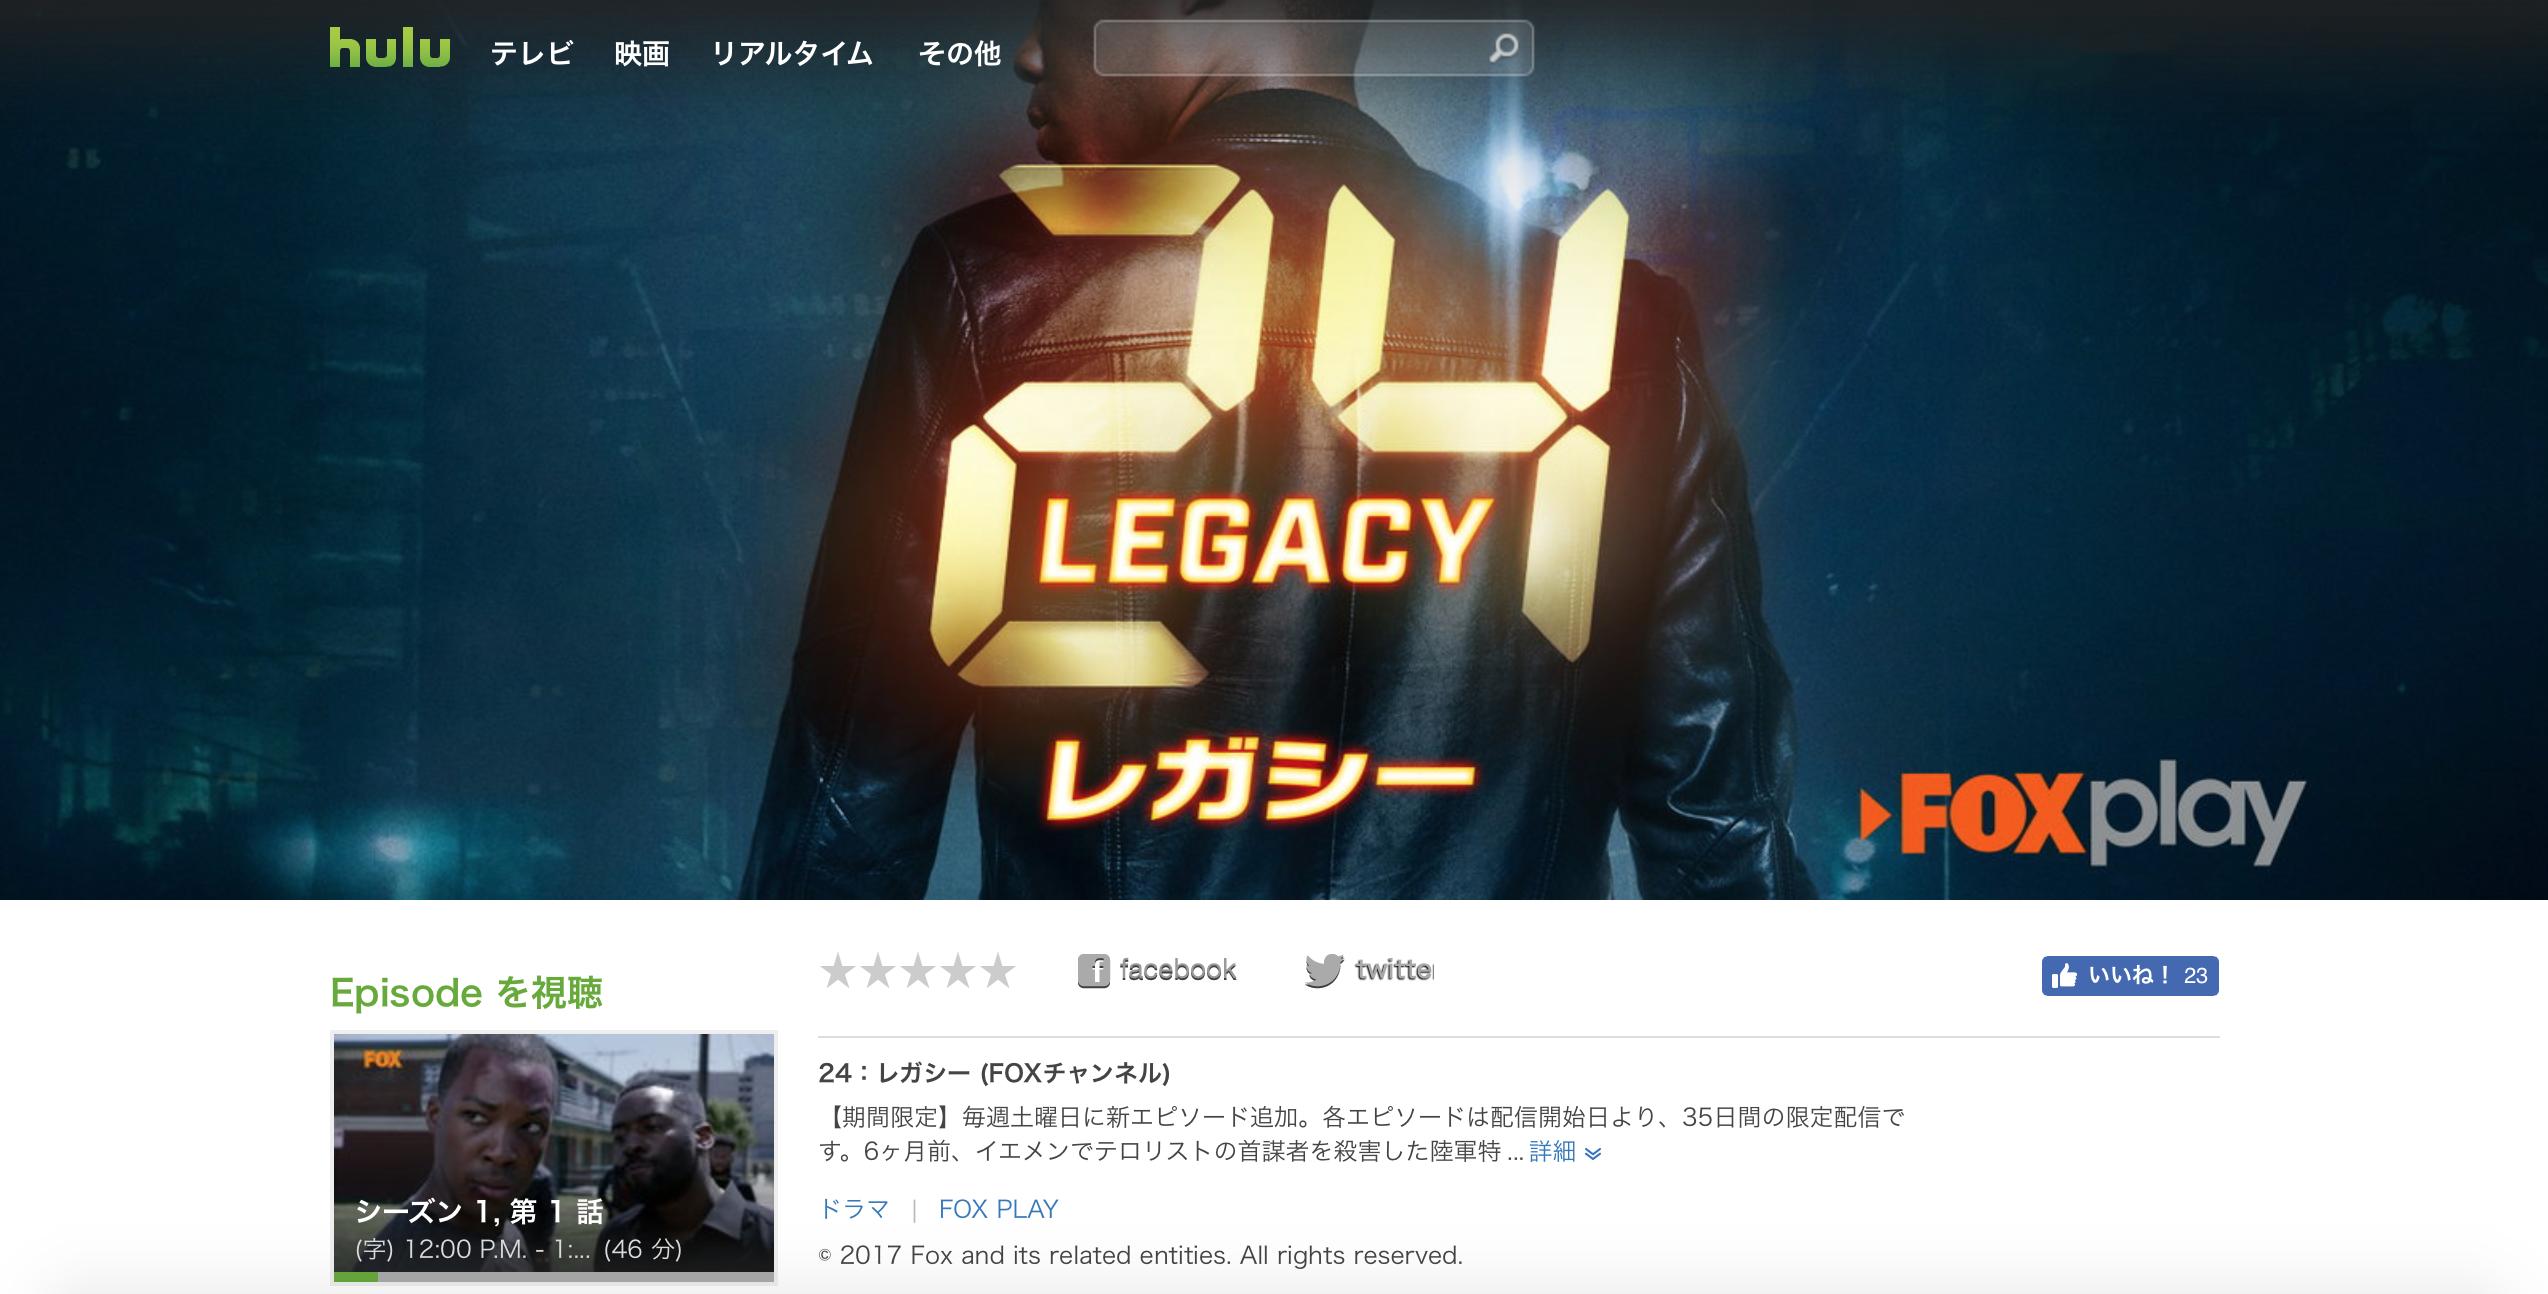 【各話35日間限定】Huluで『24: レガシー』がいつでも視聴可!スマホでもOK!